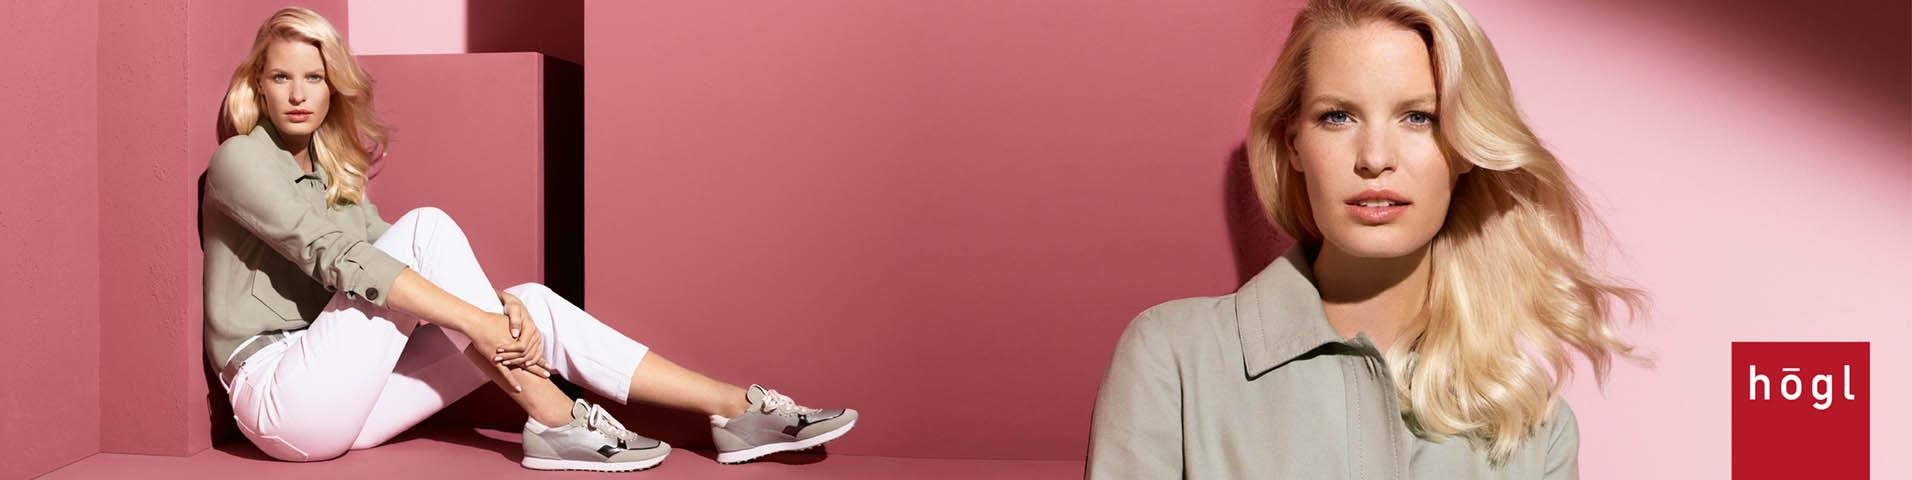 Scarpe donna Högl | Grande assortimento di calzature su Zalando